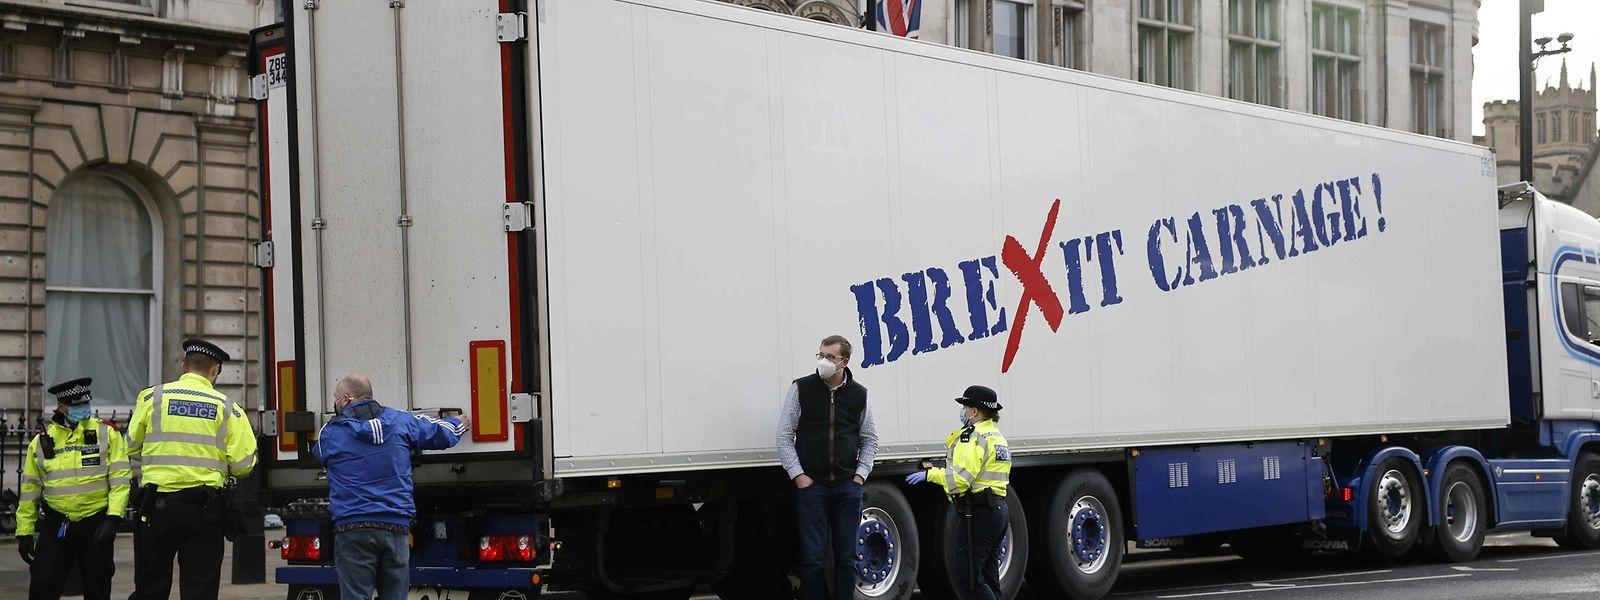 Protest in London gegen die Post-Brexit-Bürokratie und die Corona-Maßnahmen.